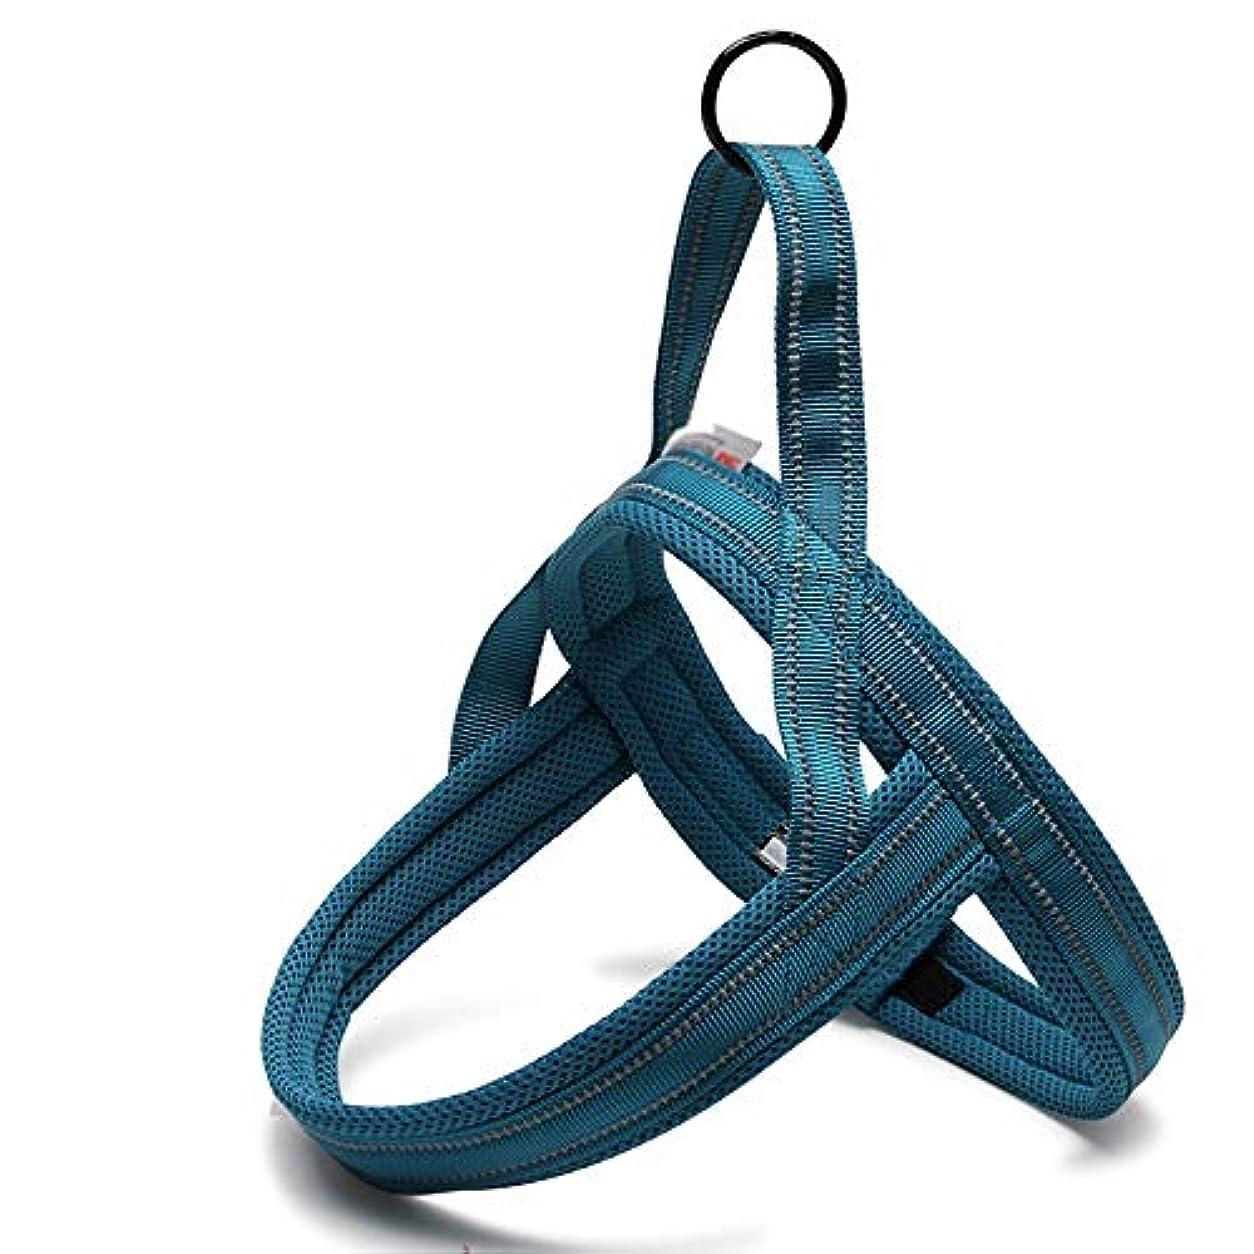 逃すジャンル束Jiabei フロントクリップ、トレイルランニング、ウォーキング、ハイキング、終日着用プルプル、けん引犬のない毎日のプルプル反射ナイロンドッグハーネス (色 : 青)